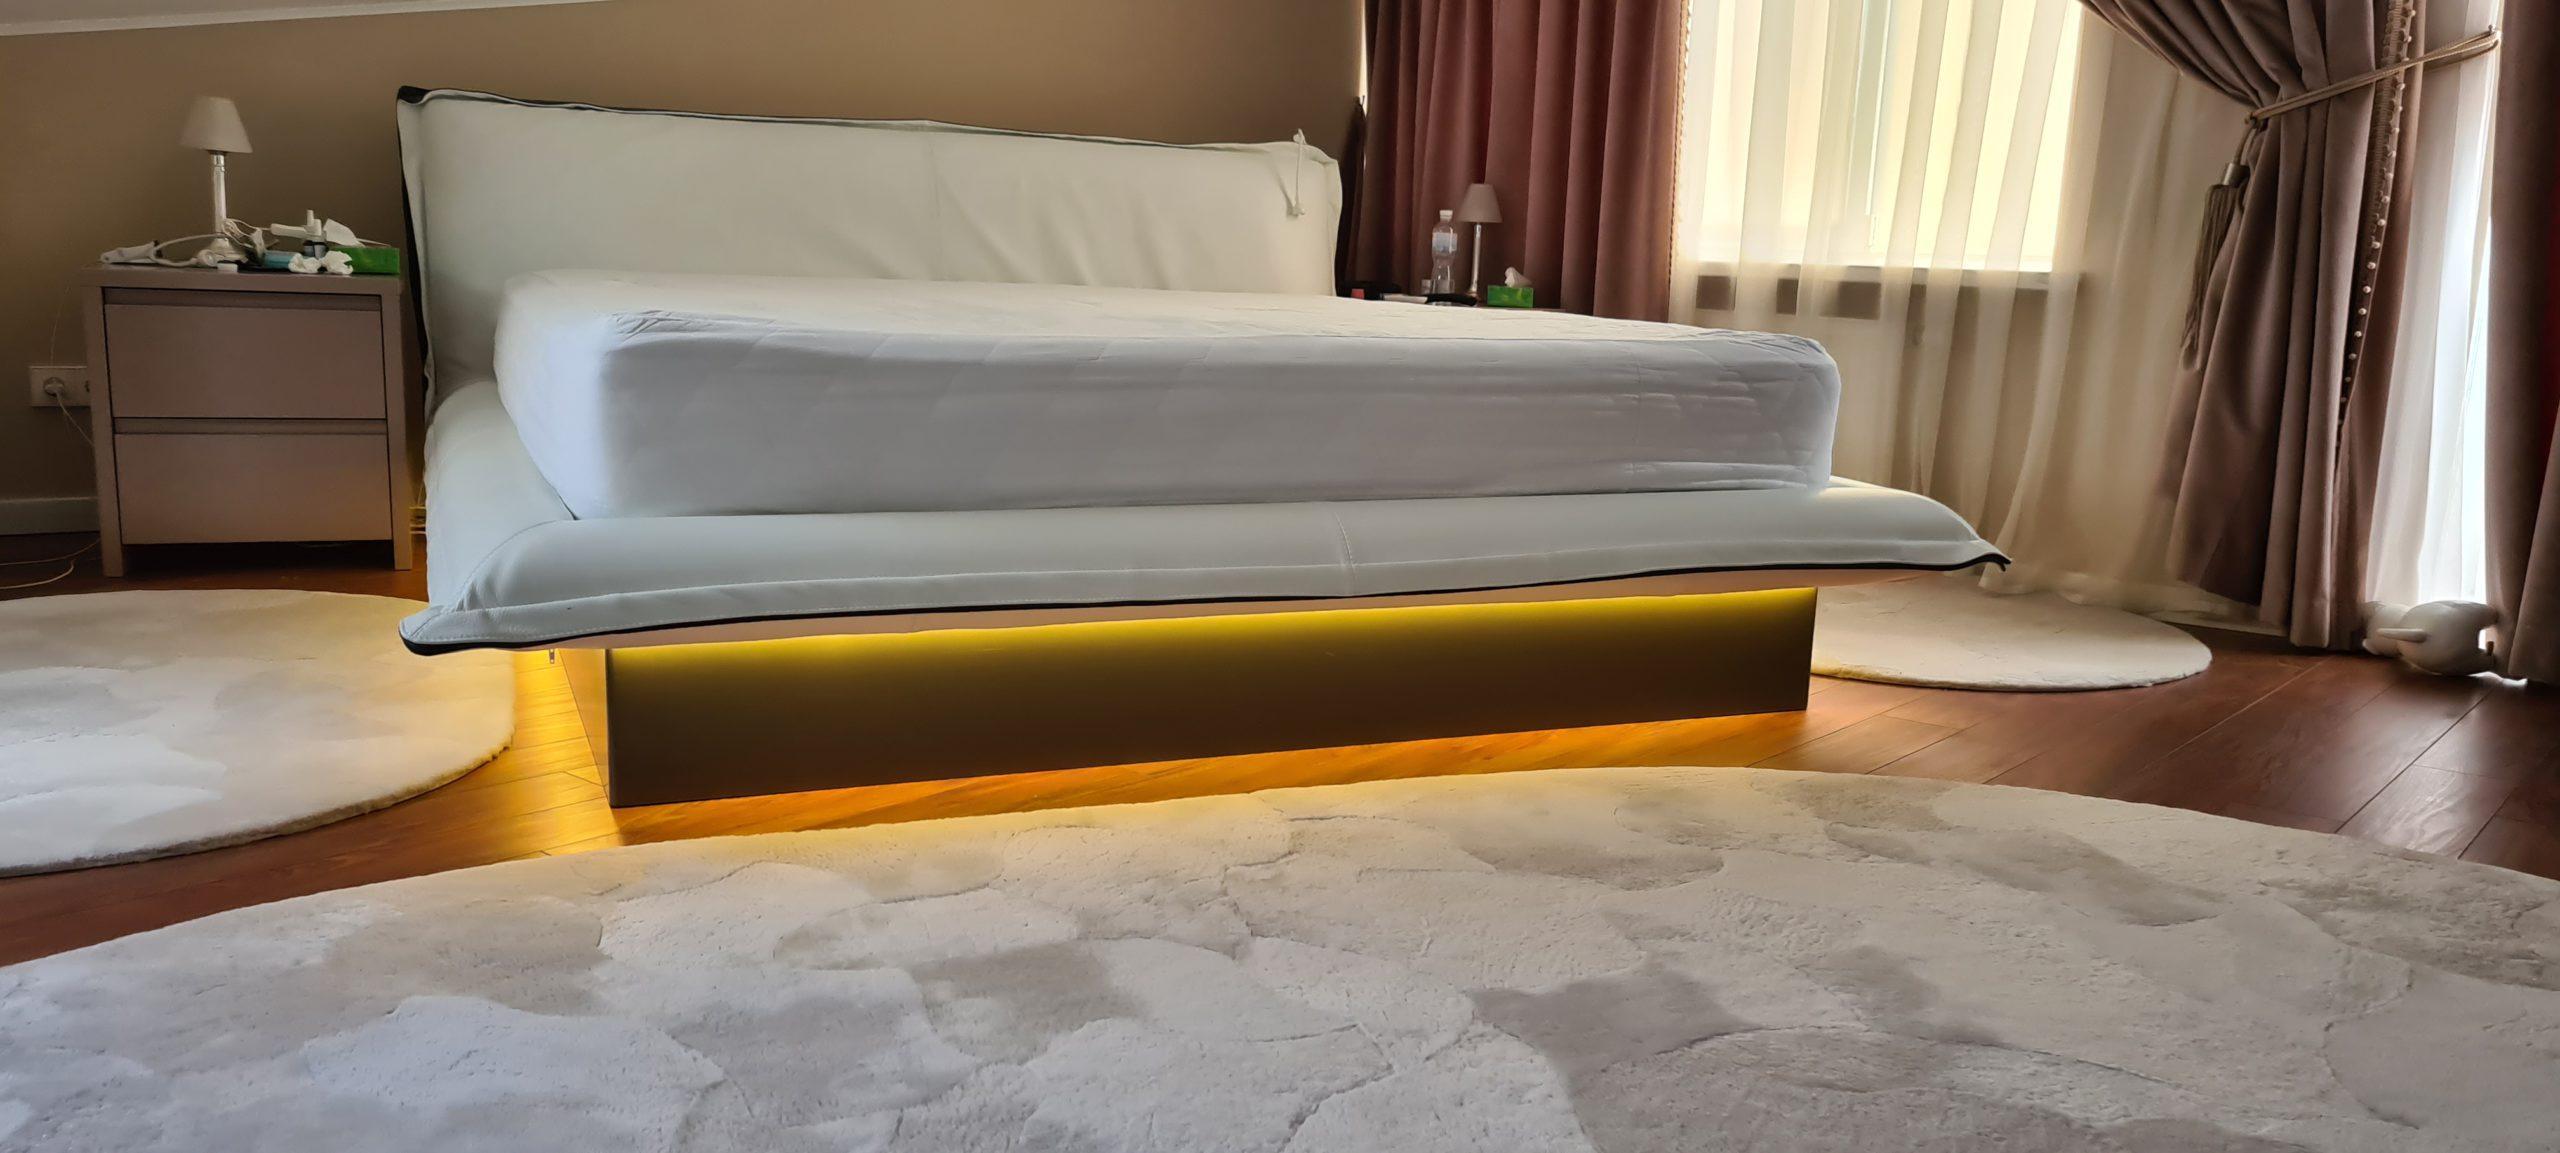 Спальний гарнітур - фото 12